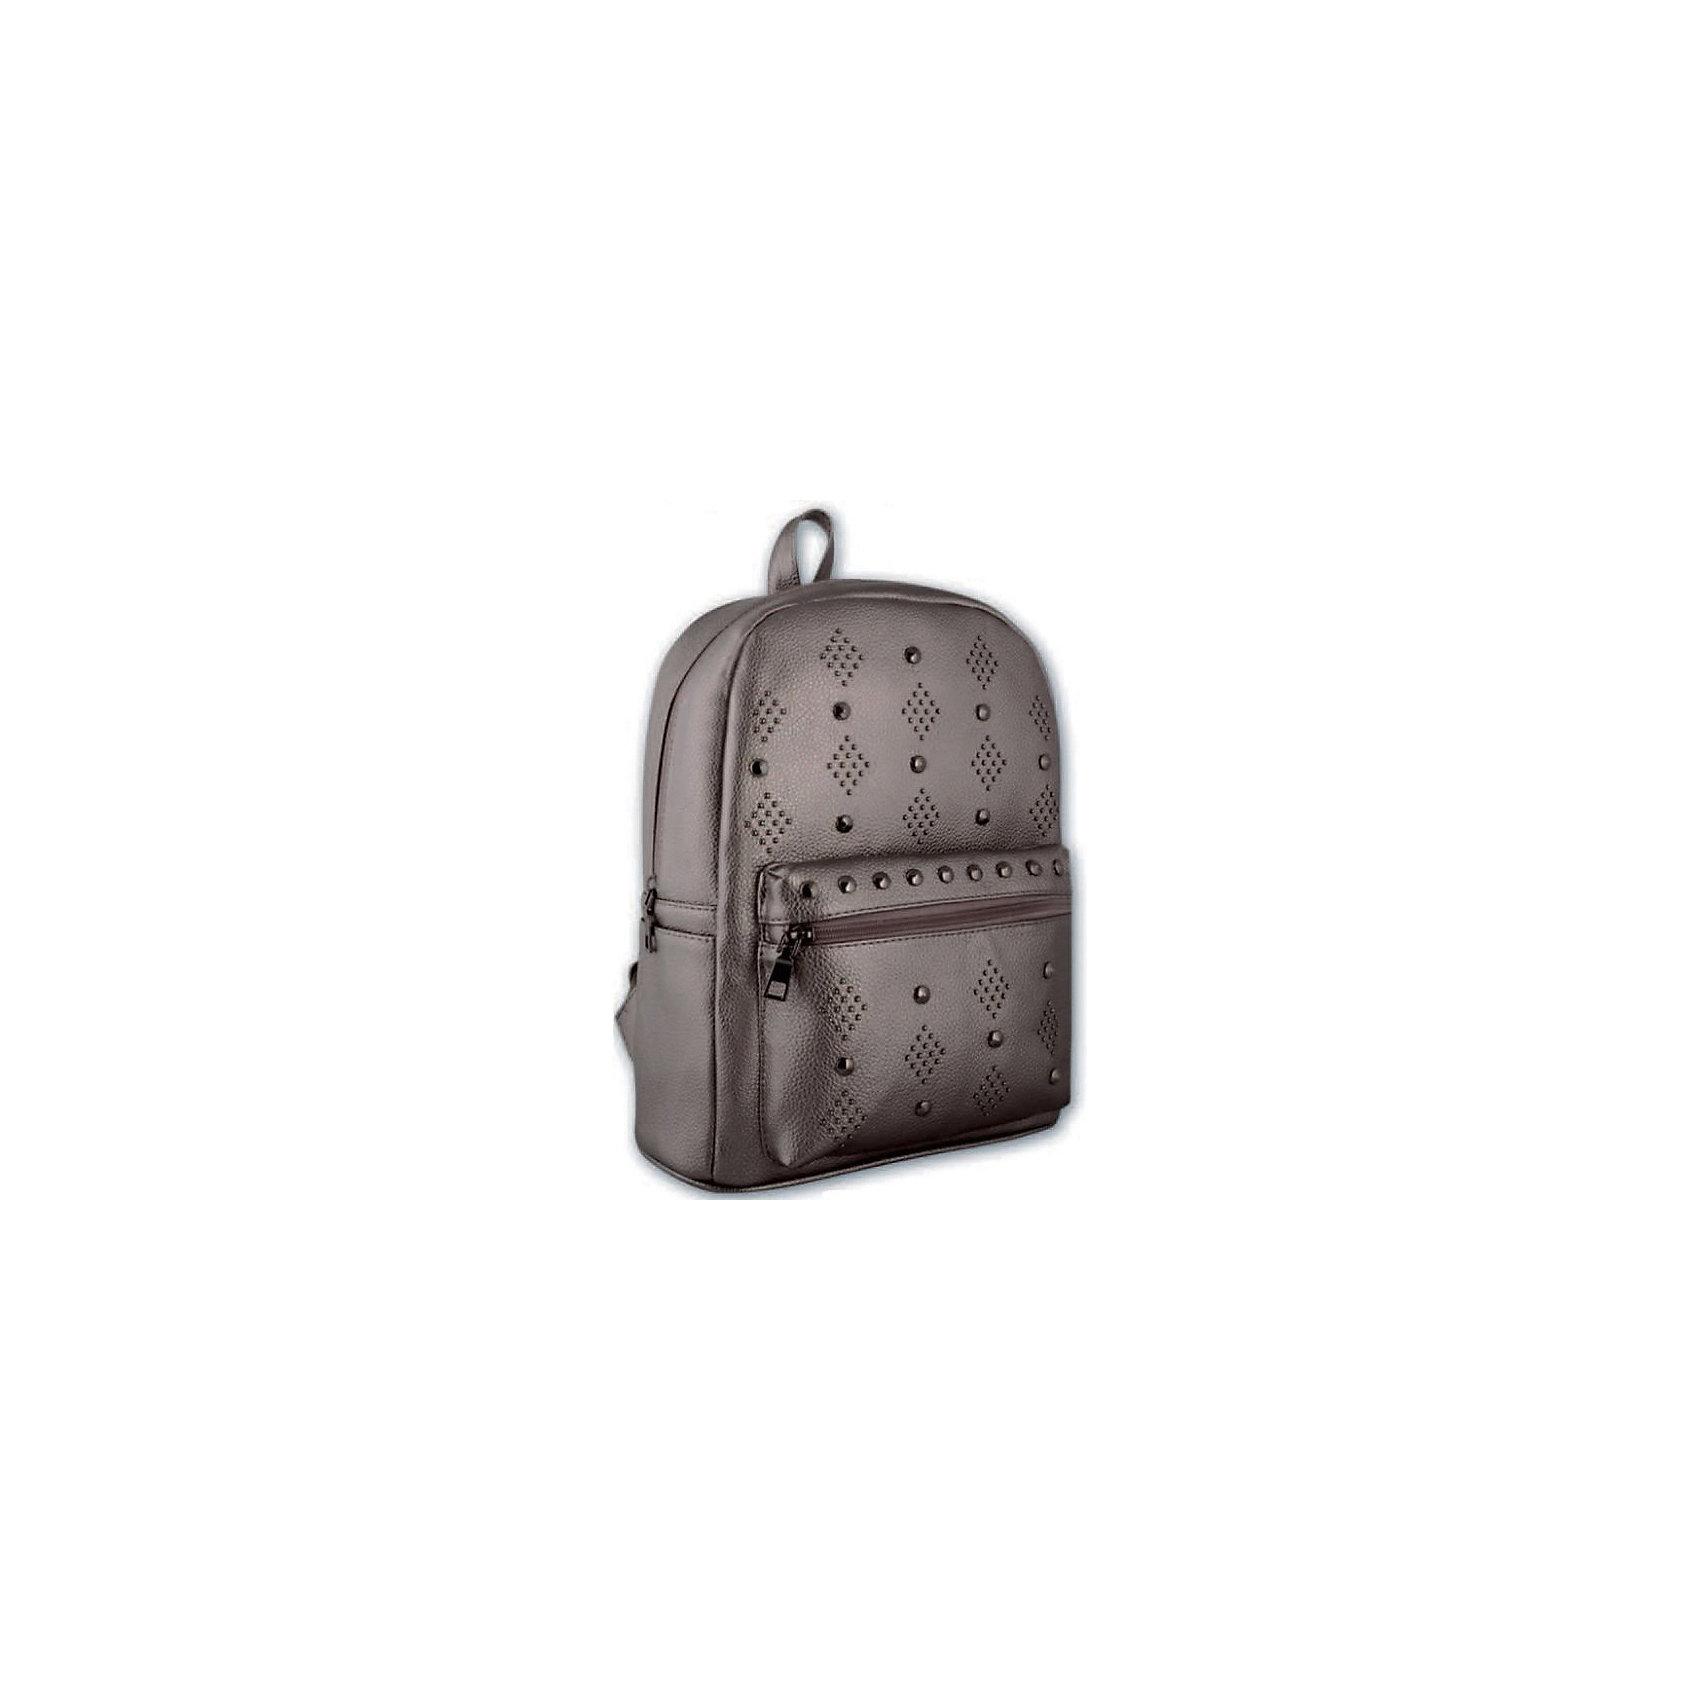 Рюкзак молодежный Феникс+, графитовый с клепкамиРюкзаки<br>Рюкзак молодежный ГРАФИТОВЫЙ С КЛЕПКАМИ (35х26х16см, кожзам, уплотн. лямки с регулировкой, декор. метал. заклепками, 1 фронт. и 2 бок. кармана, индив. ПЭТ-пакет)<br><br>Ширина мм: 350<br>Глубина мм: 260<br>Высота мм: 160<br>Вес г: 778<br>Возраст от месяцев: 72<br>Возраст до месяцев: 2147483647<br>Пол: Унисекс<br>Возраст: Детский<br>SKU: 7046419